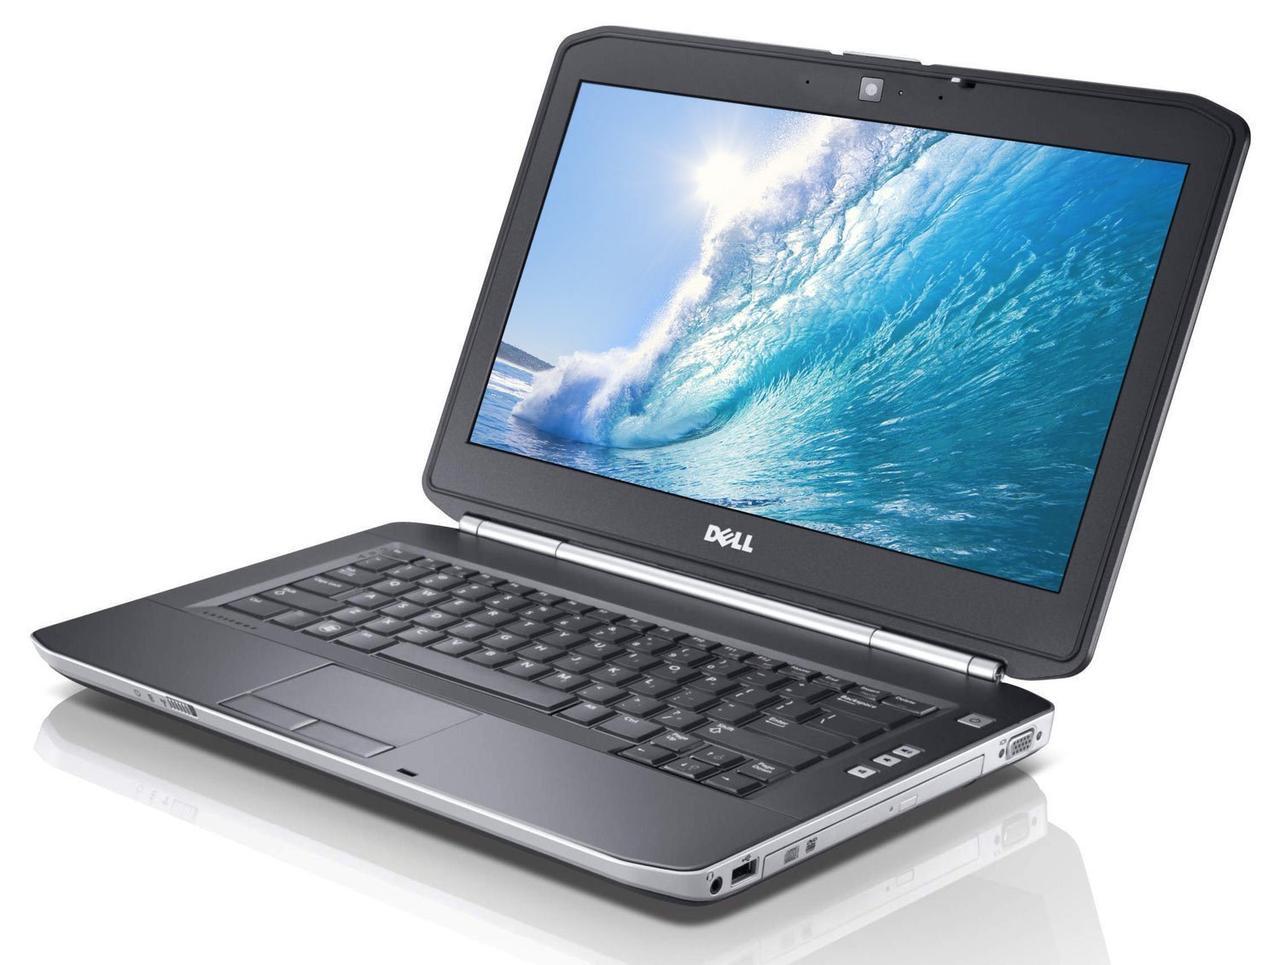 Ноутбук Dell Latitude E5420-Intel-Core-i3-2310M-2,10GHz-4Gb-DDR3-320Gb-HDD-DVD-R-W14-(B)- Б/У